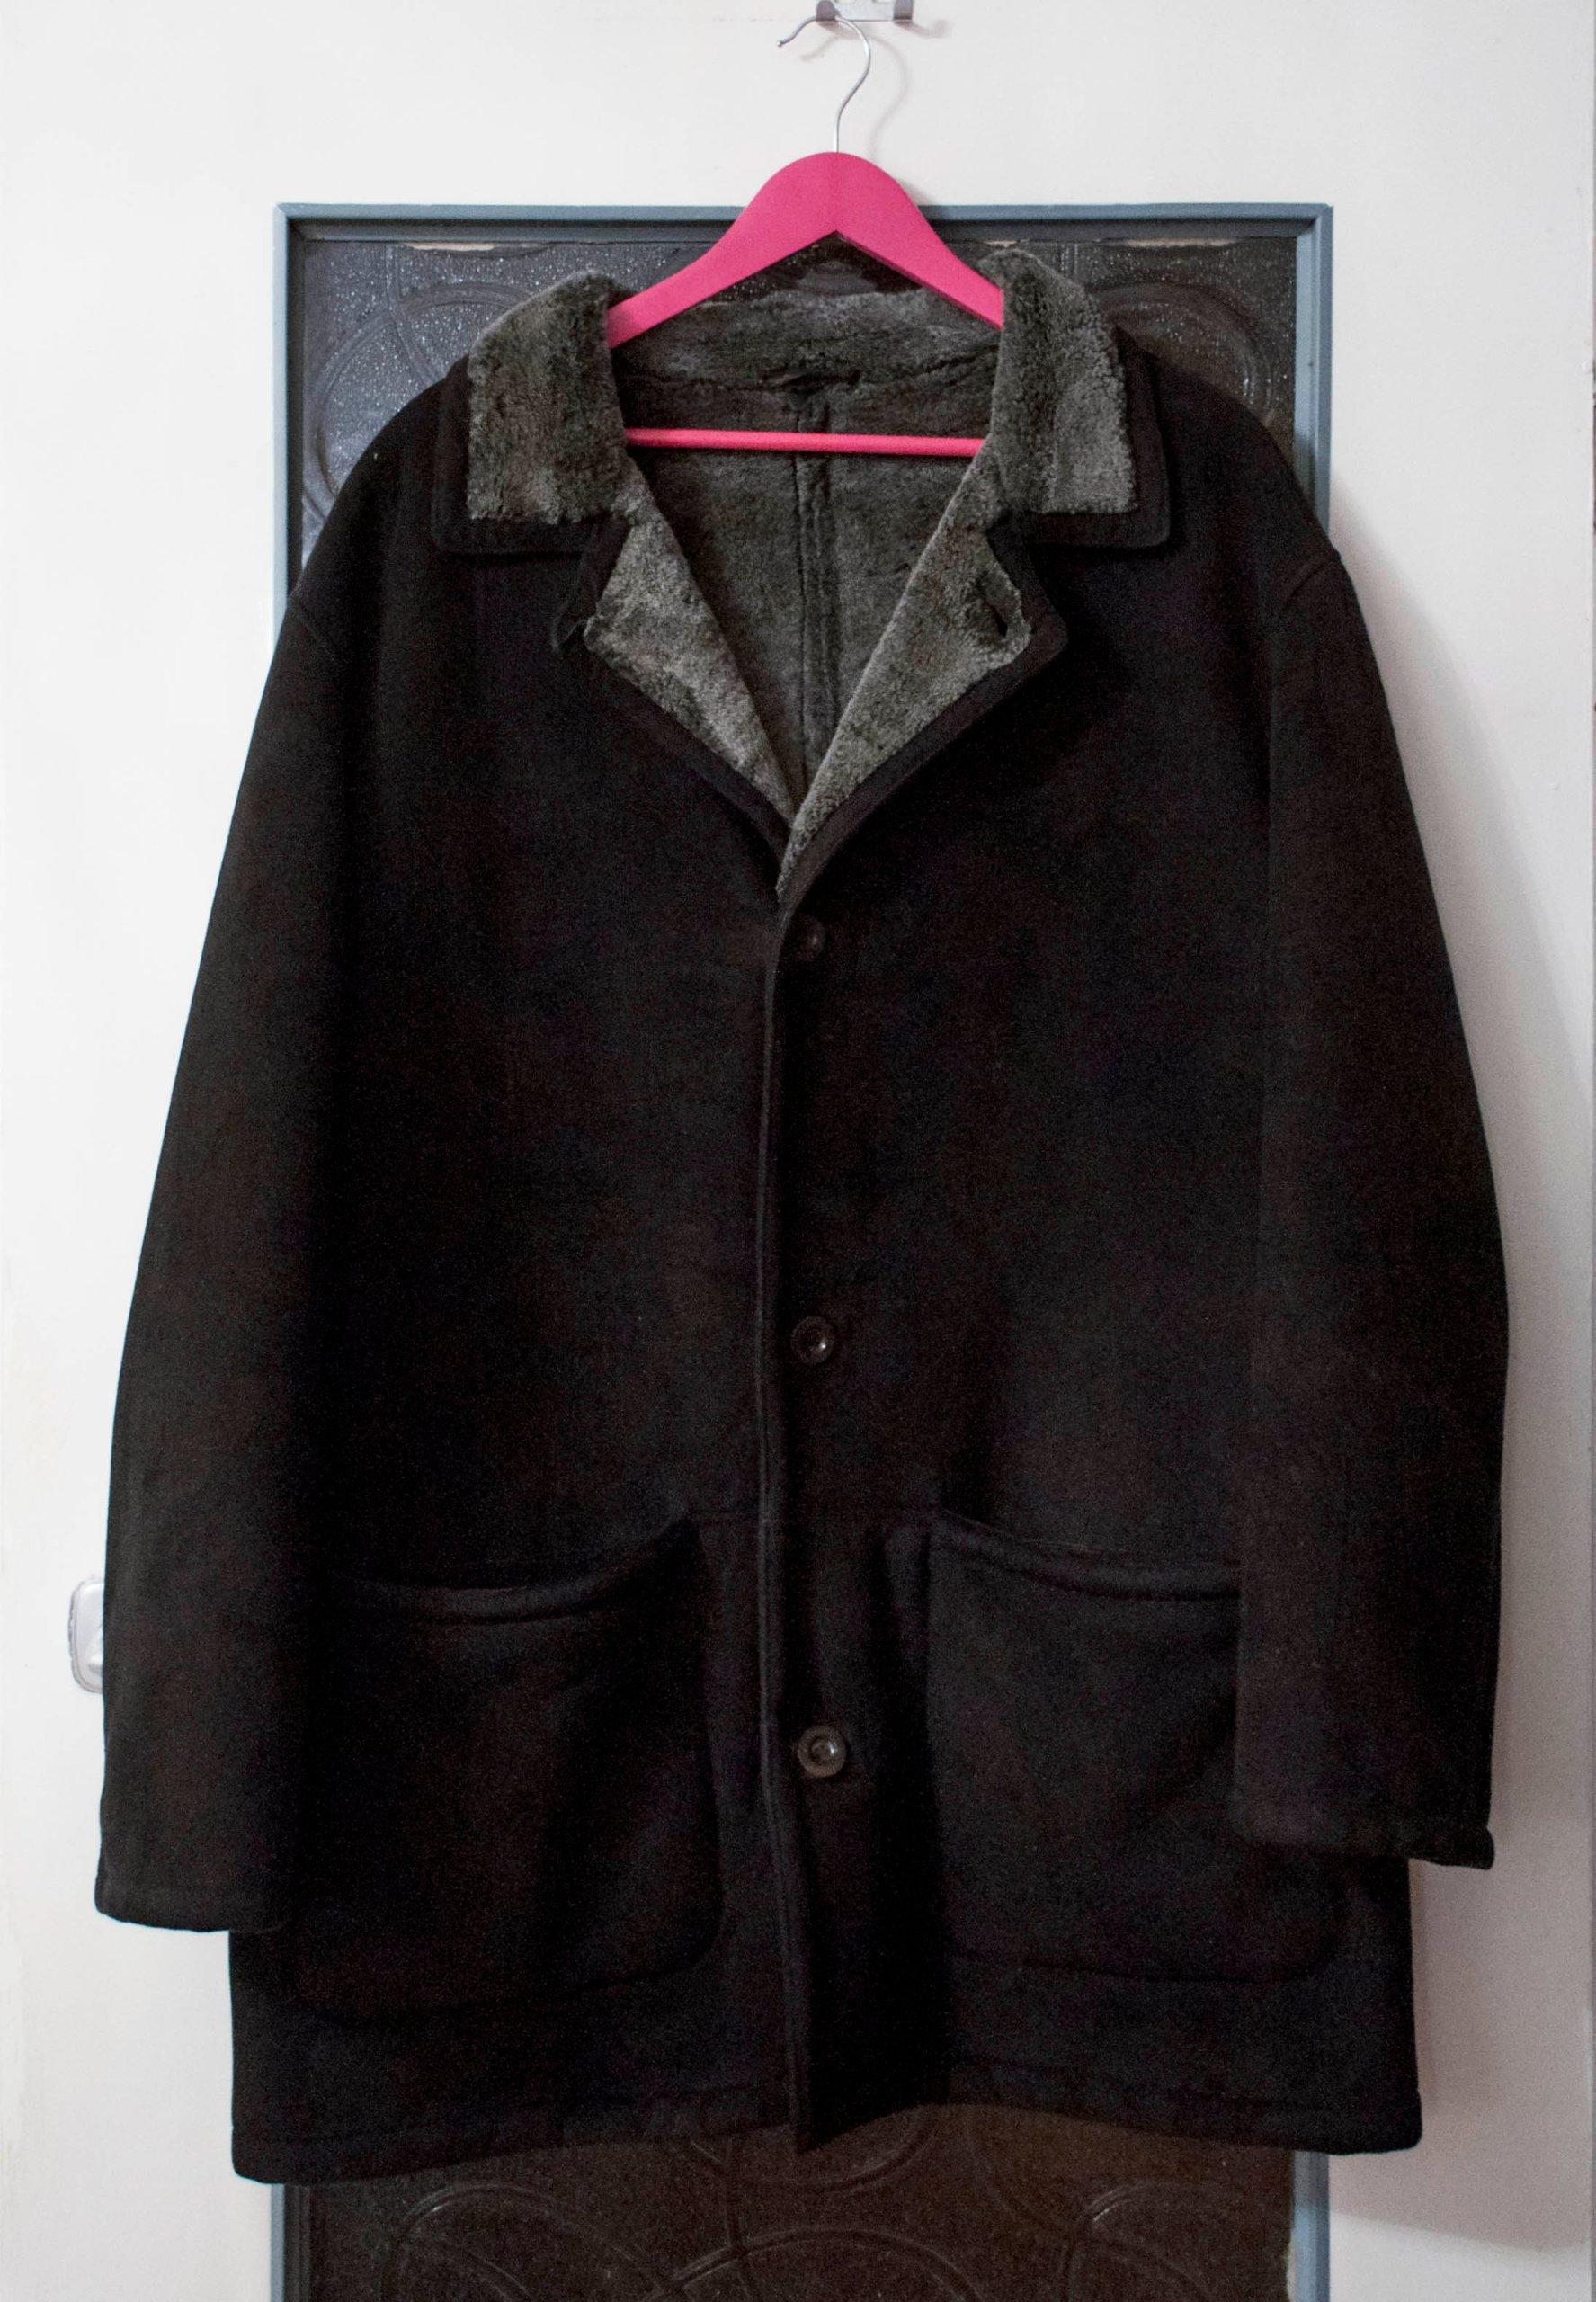 PIERRE CARDIN Płaszcz męski elegancki kożuch 54